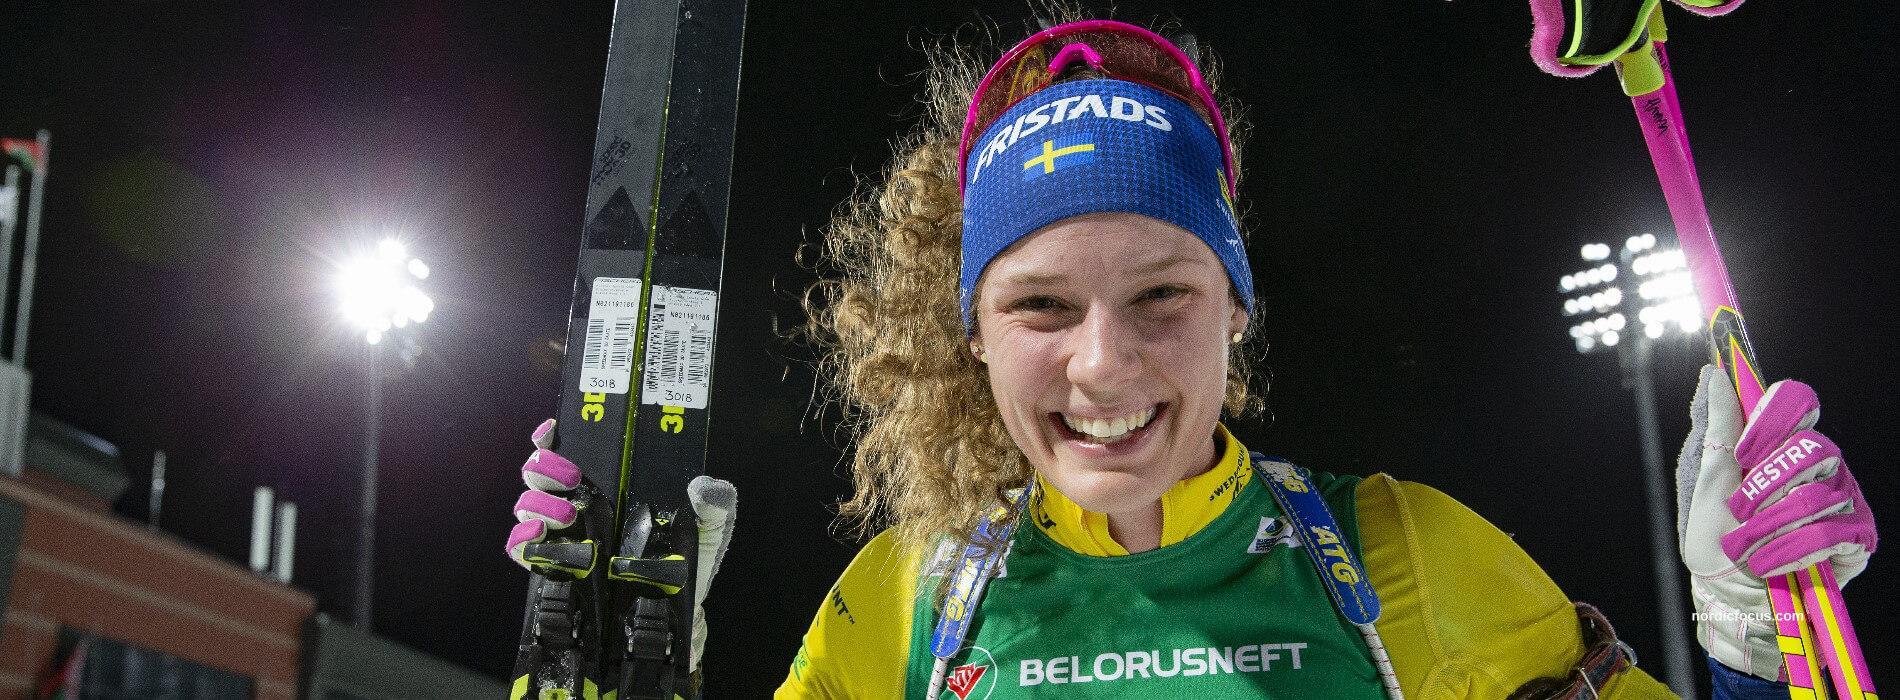 Oeberg Schweden Europameisterin Einzel